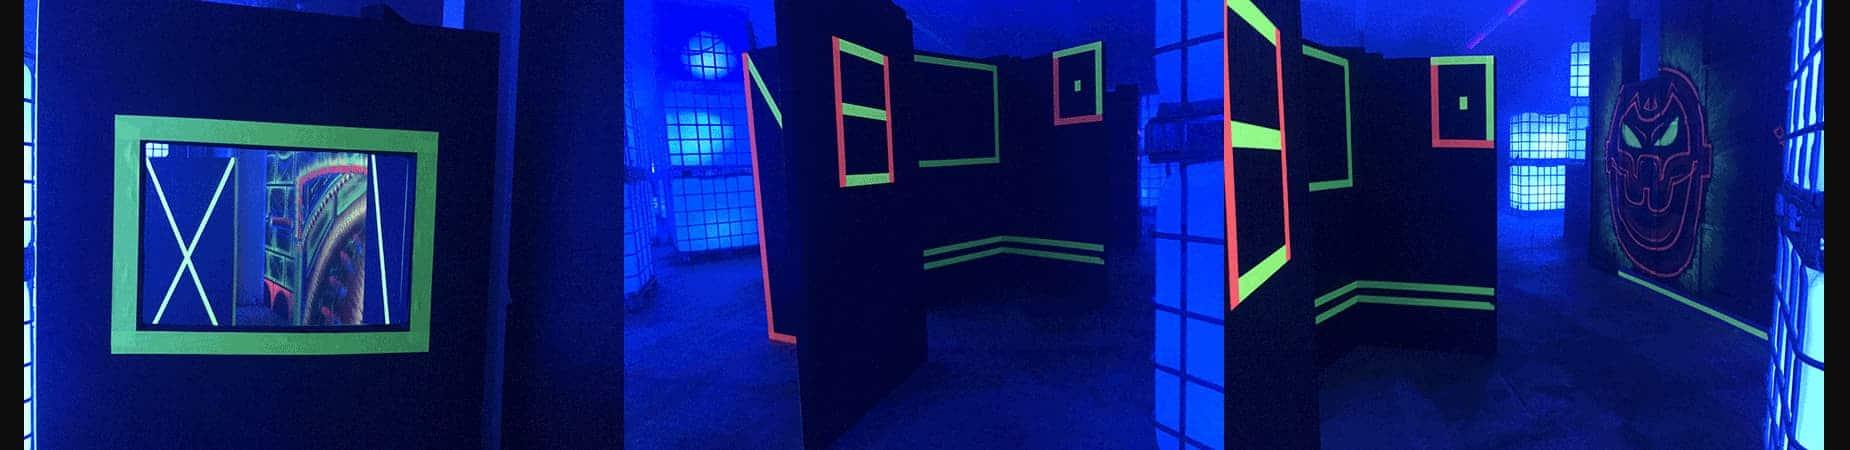 LaserTag bei Oberhausen spielen